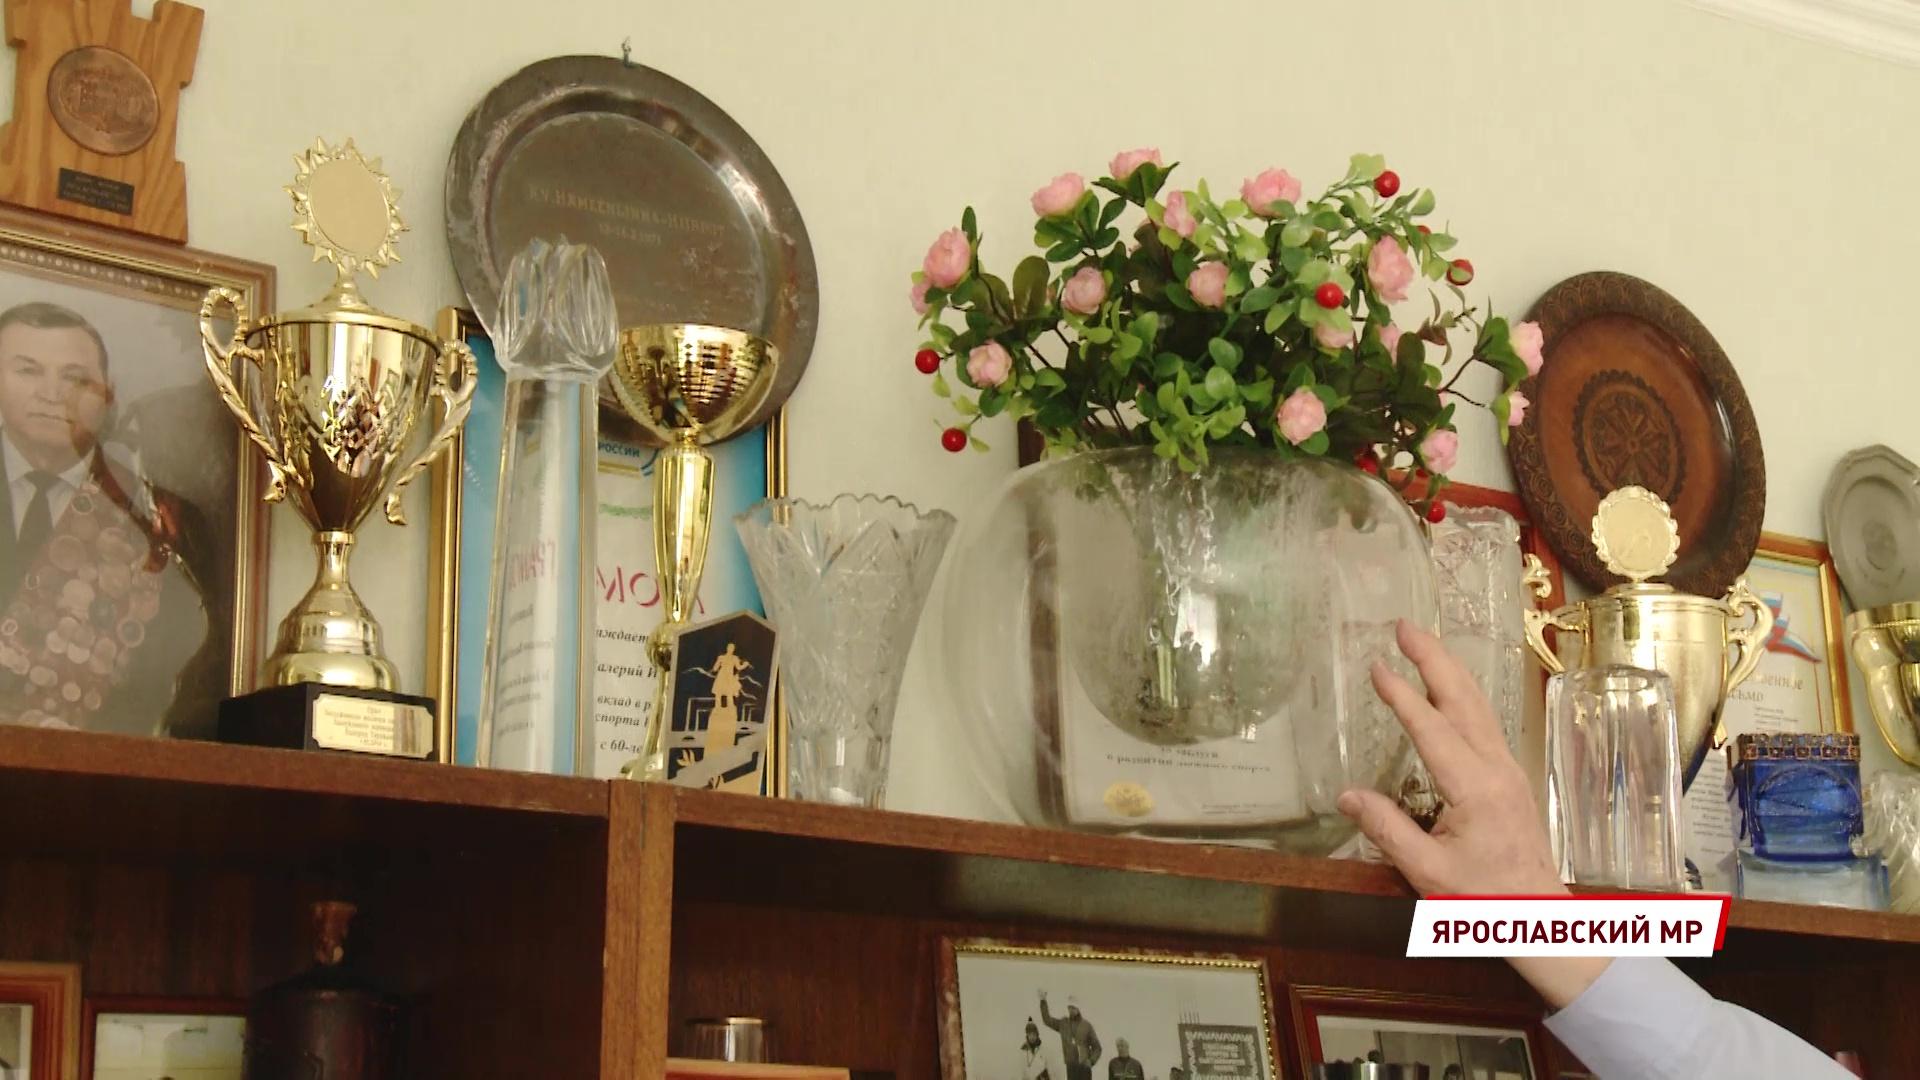 Ярославцы написали эссе про знакомых ветеранов, добившихся успехов в спорте